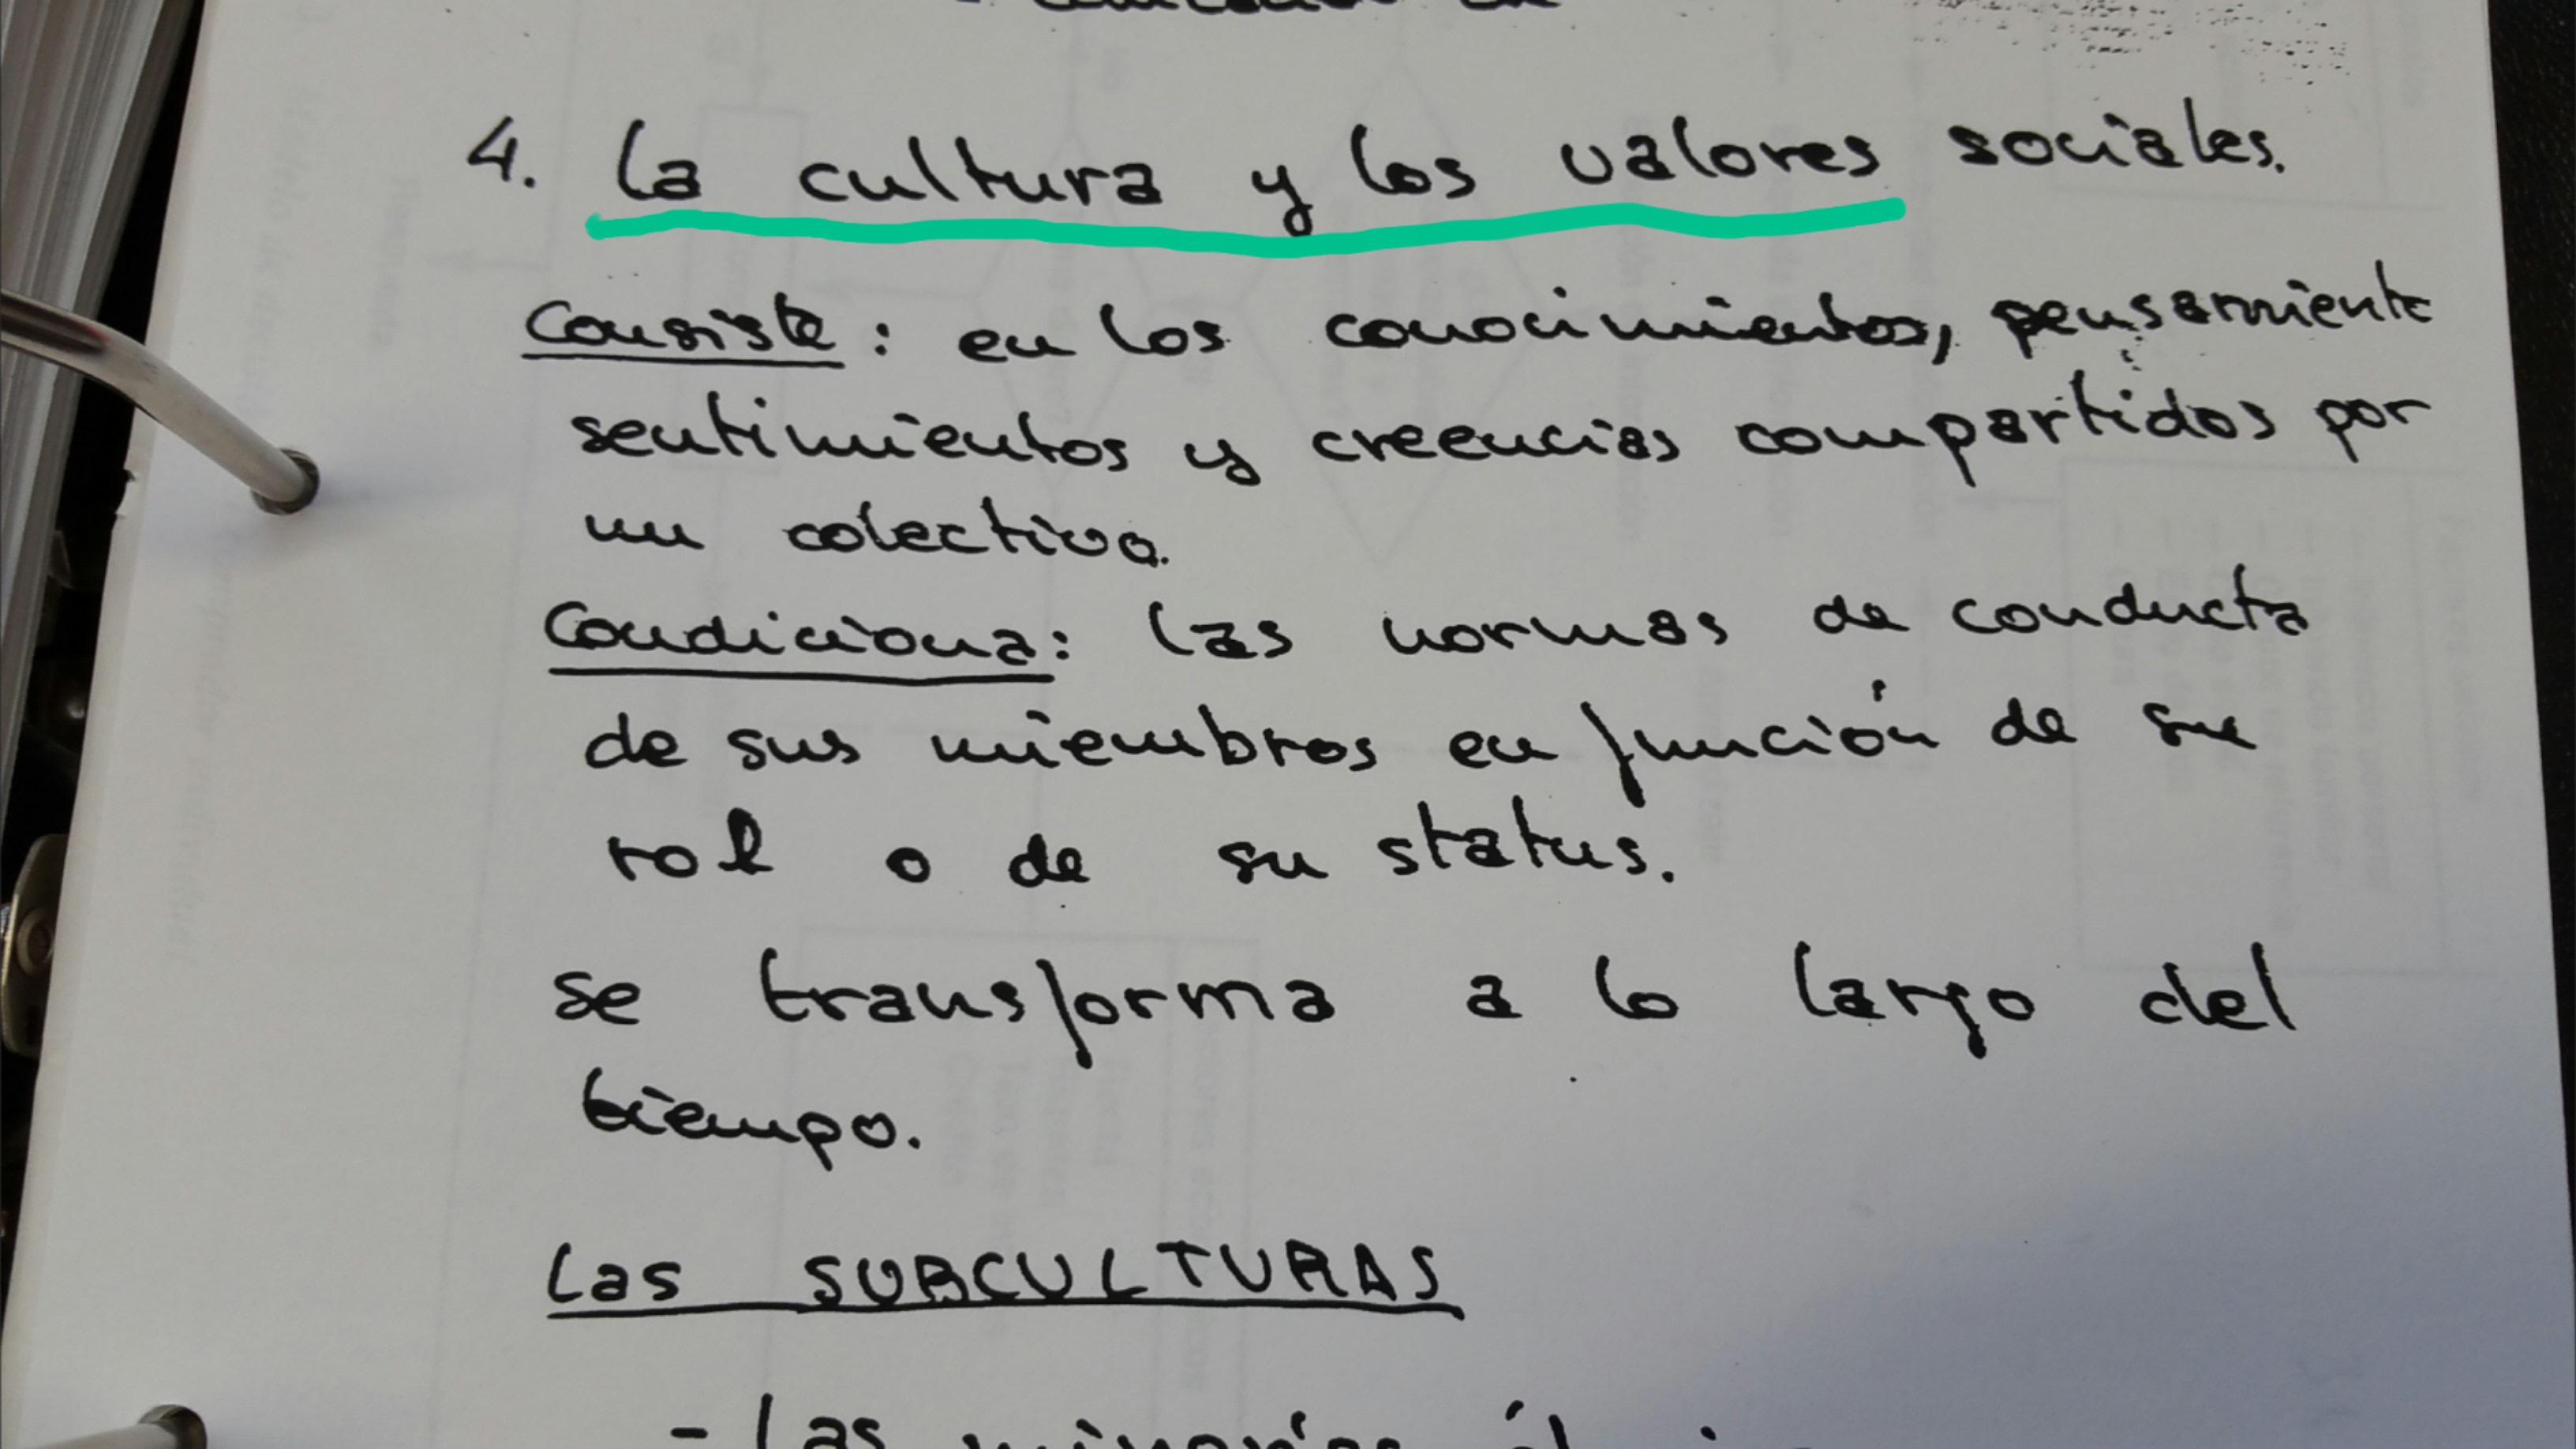 Hector Robles Cultura y valores